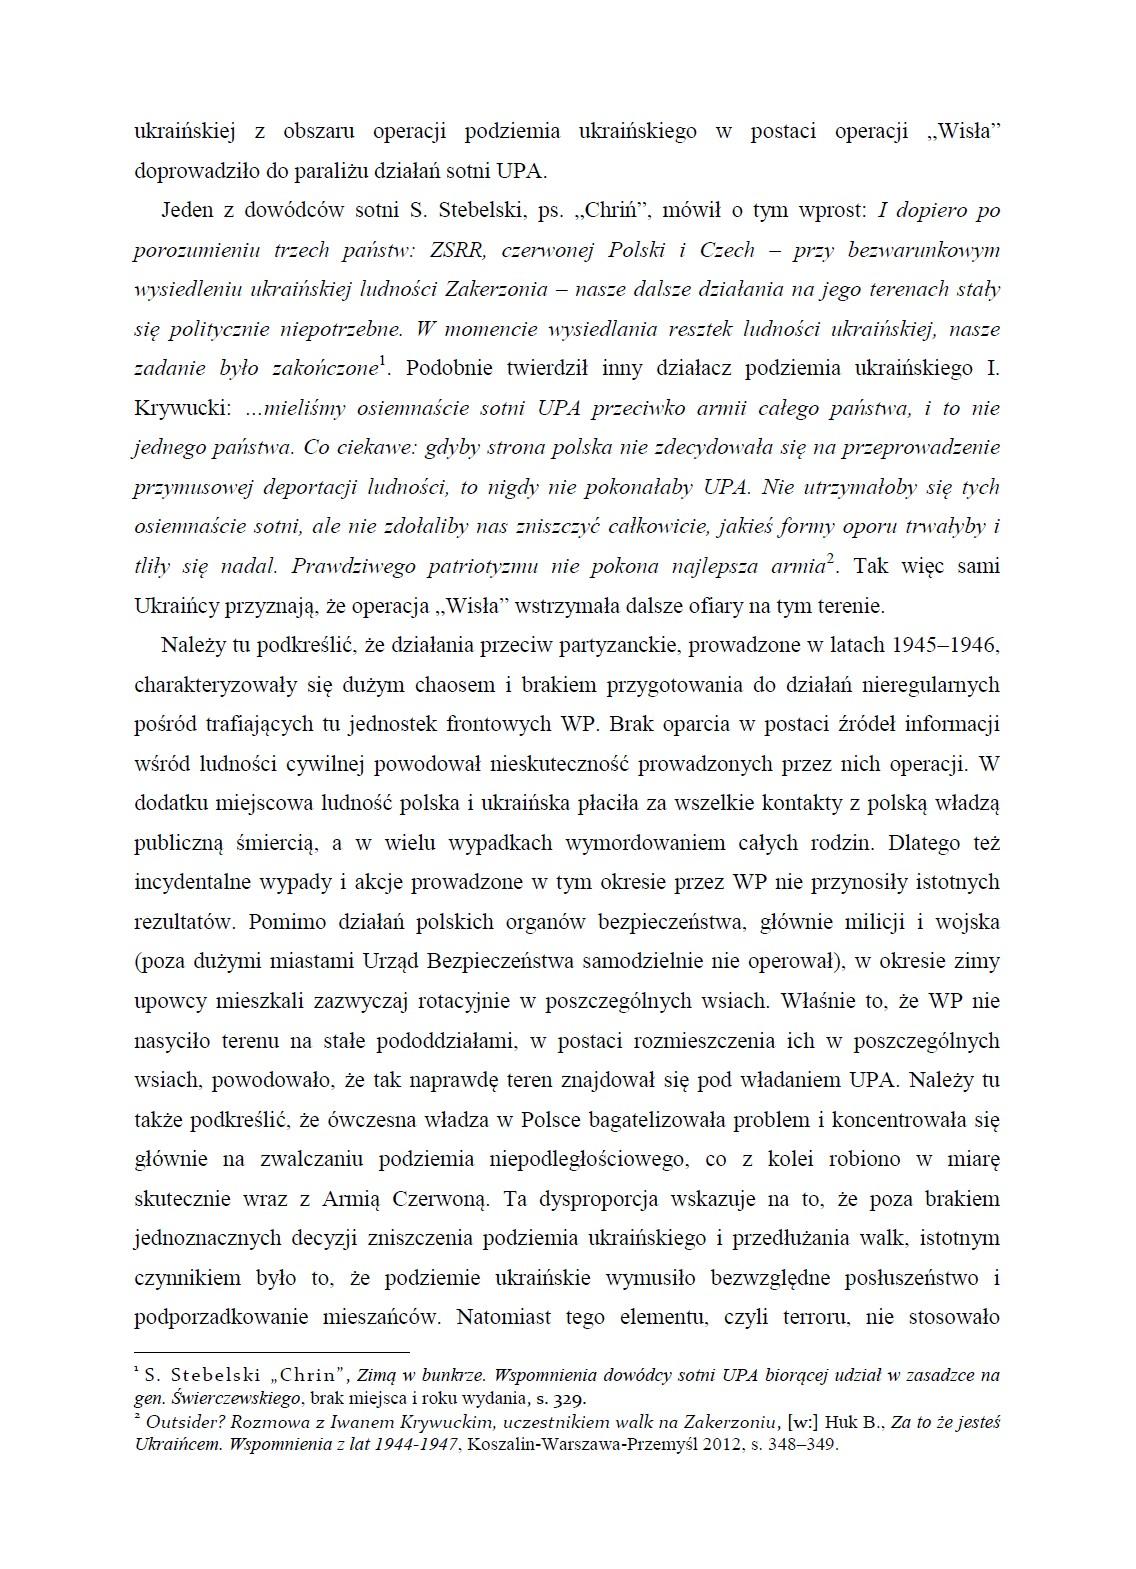 dr_andrzej_zapalowski_2